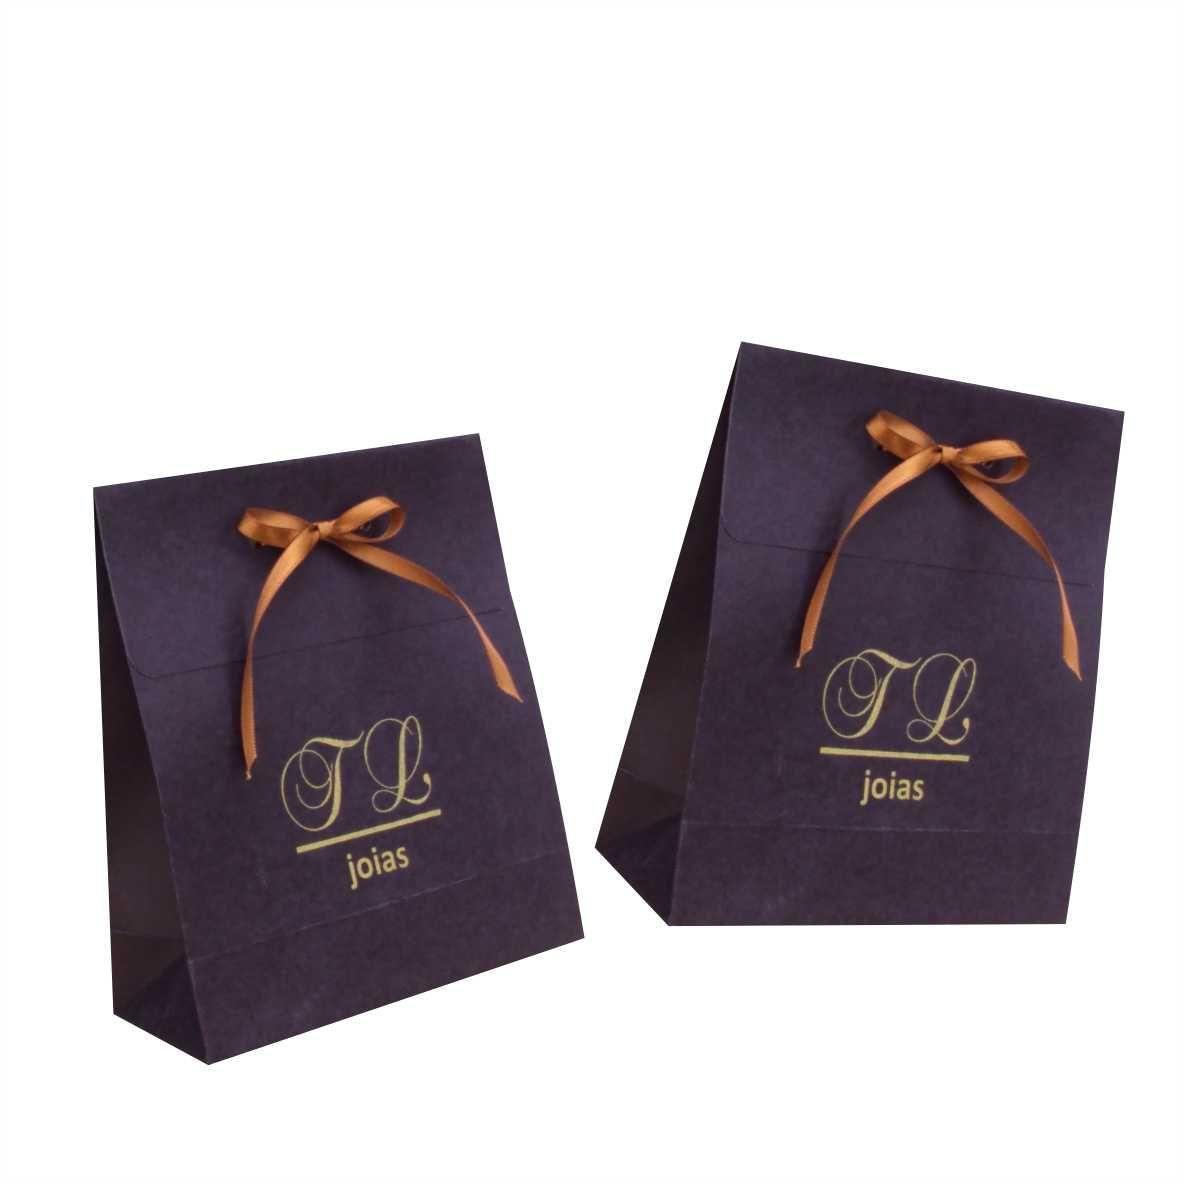 Sacola de papel  preta pequena - personalizada para bijuterias (15x17x6,5 cm) 100 unidades